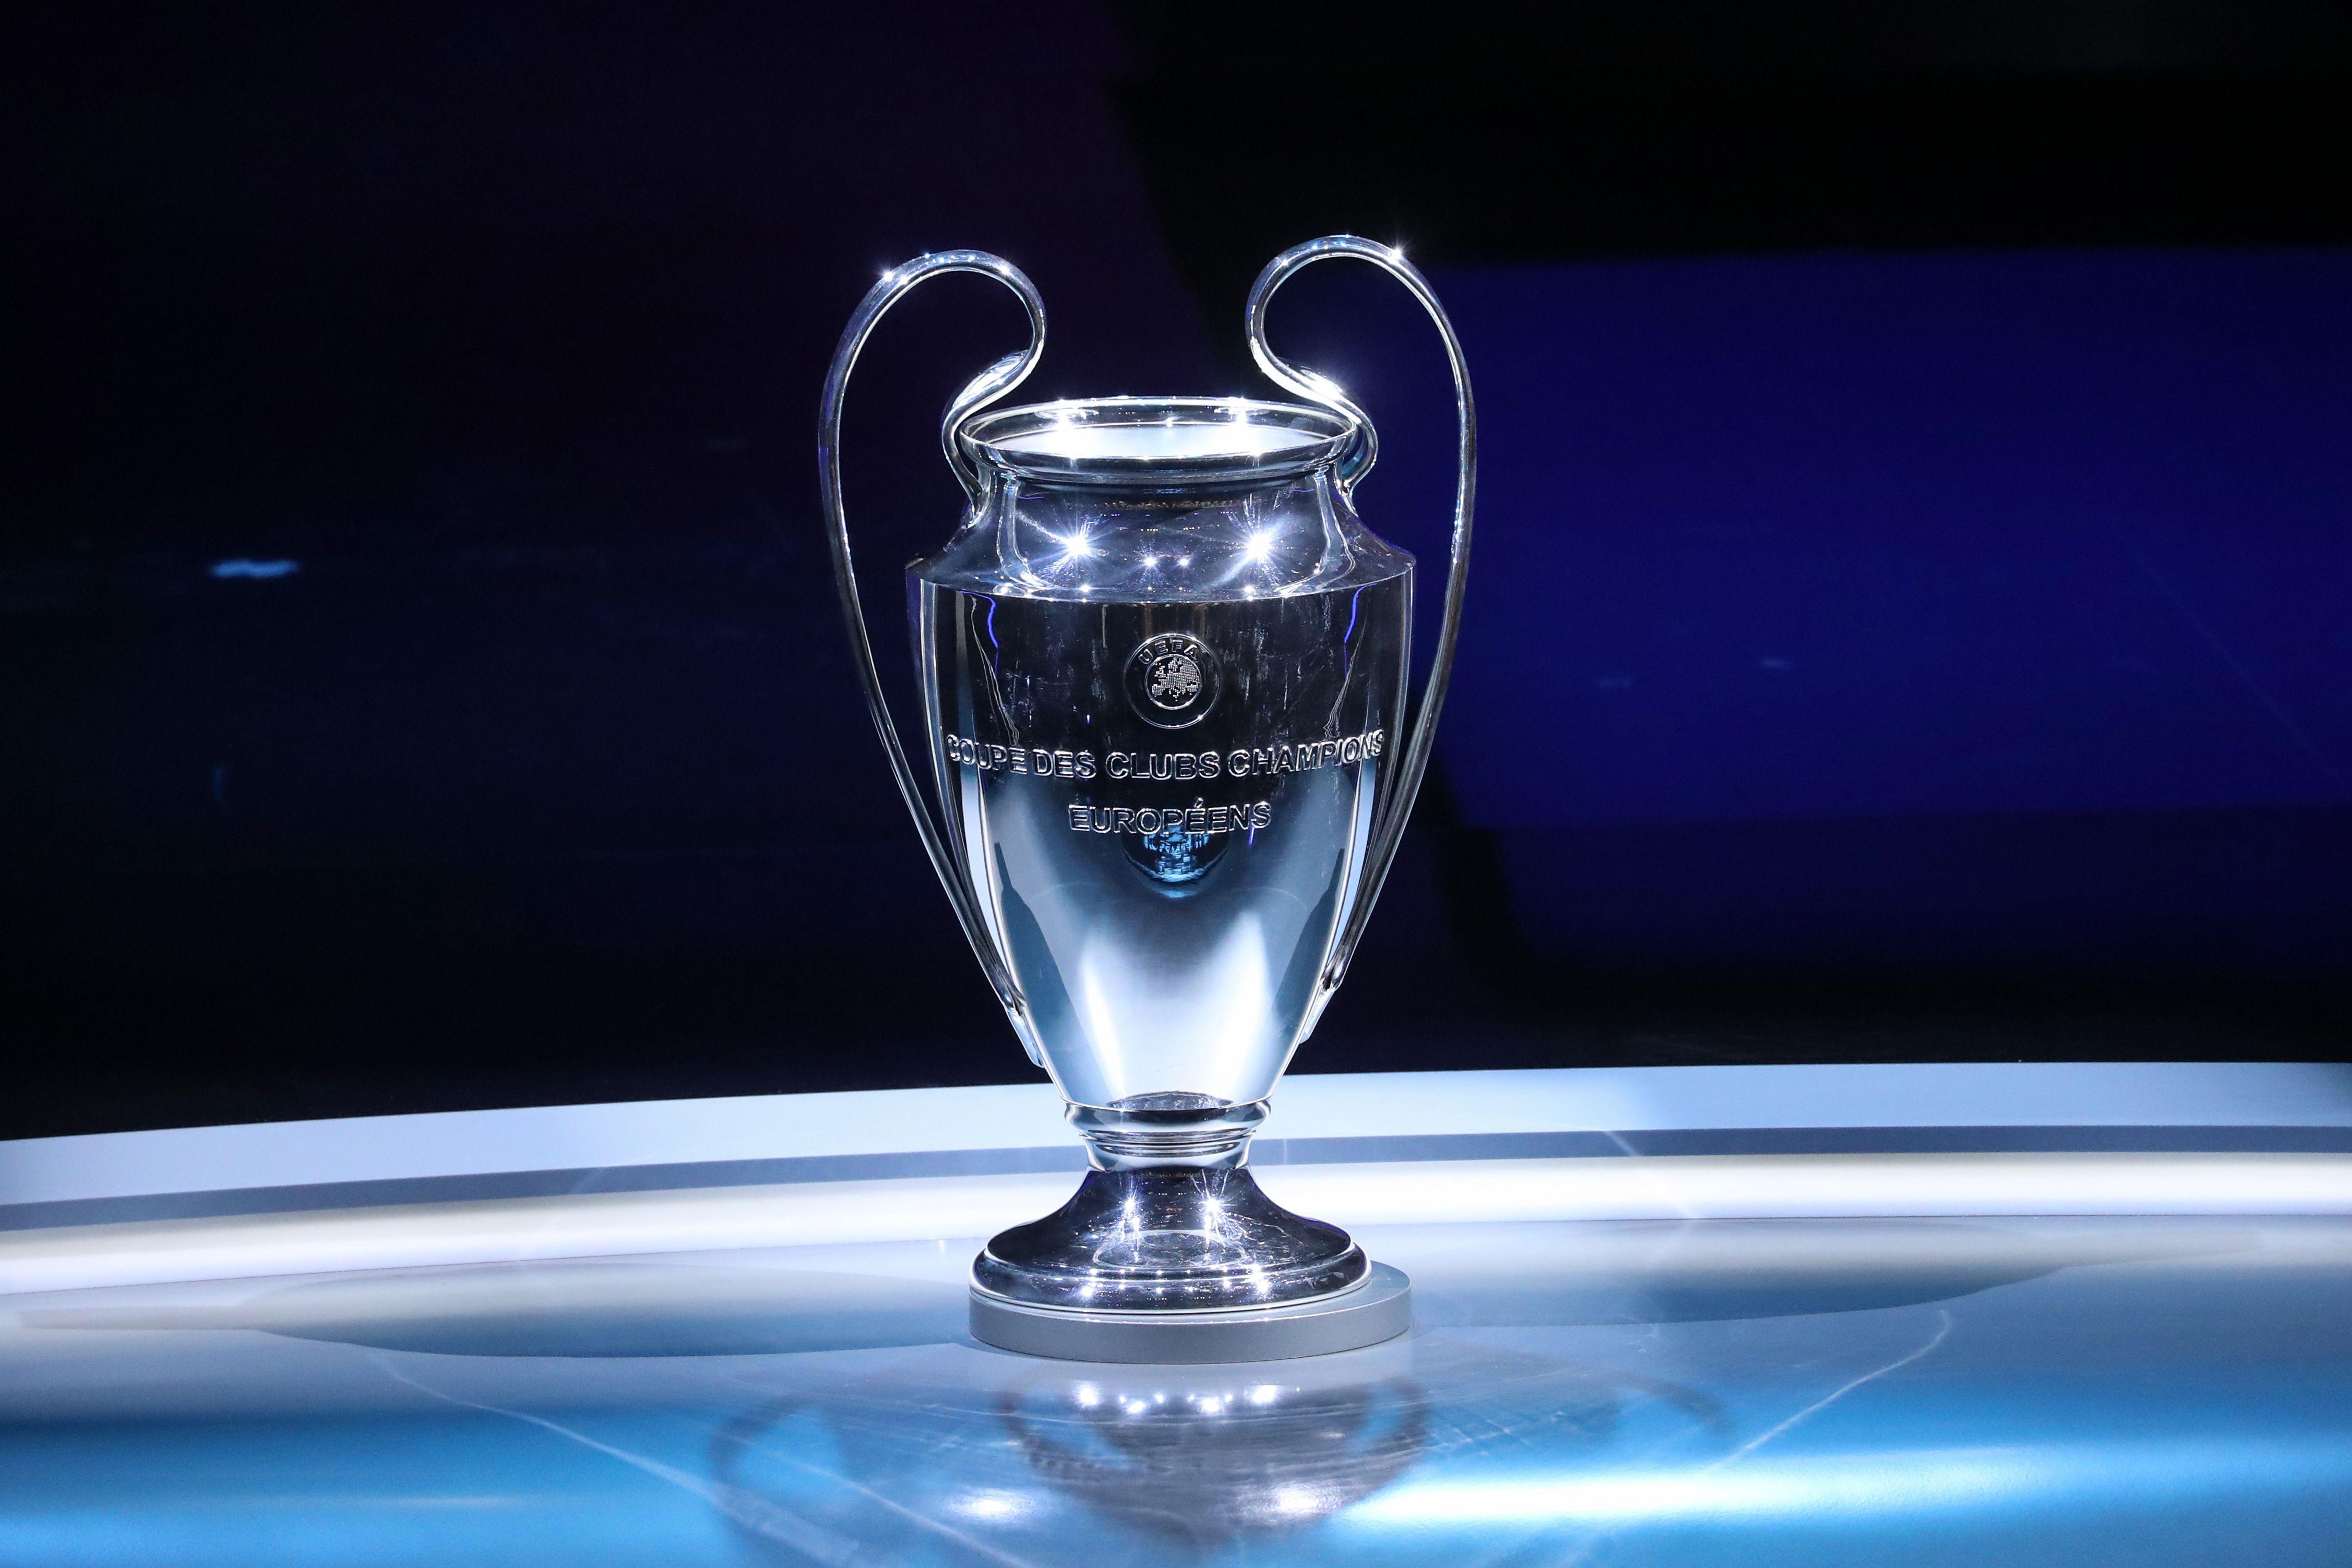 Calendrier Ligue De Champion.Ligue Des Champions Le Calendrier Des Francais Et Les Dates